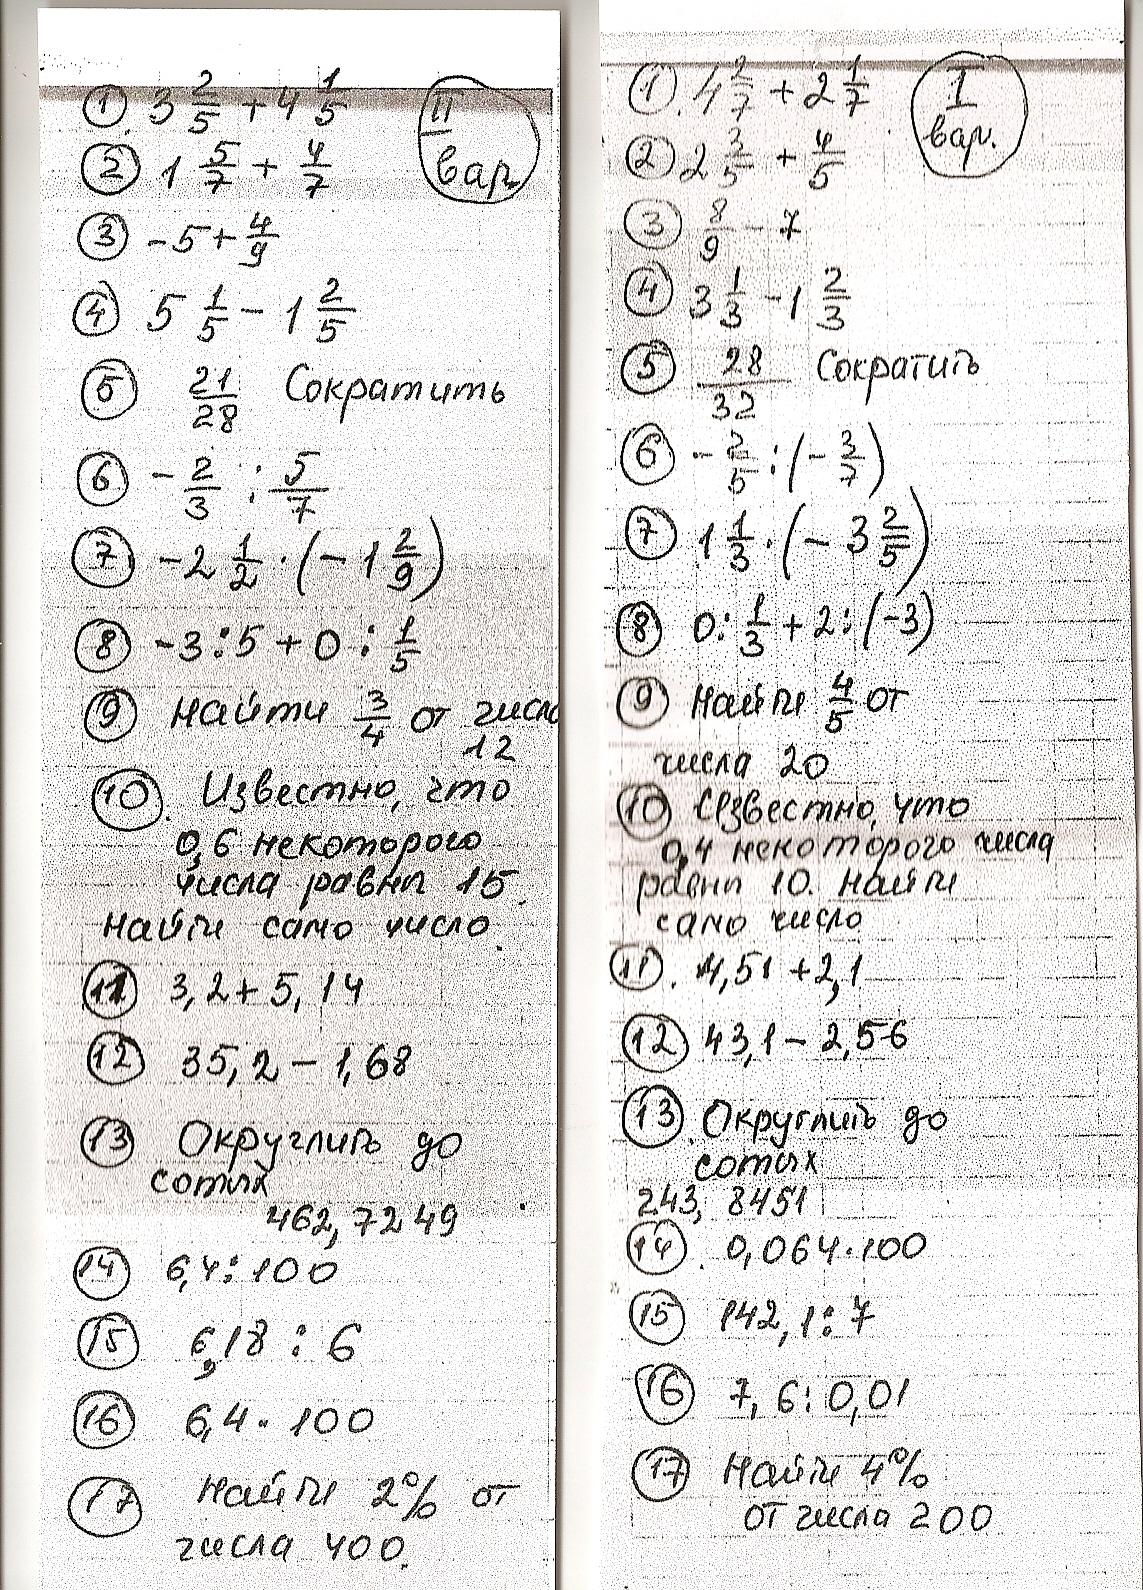 Читать считать и думать думать Контрольный устный счёт класс Контрольный устный счёт 7 класс